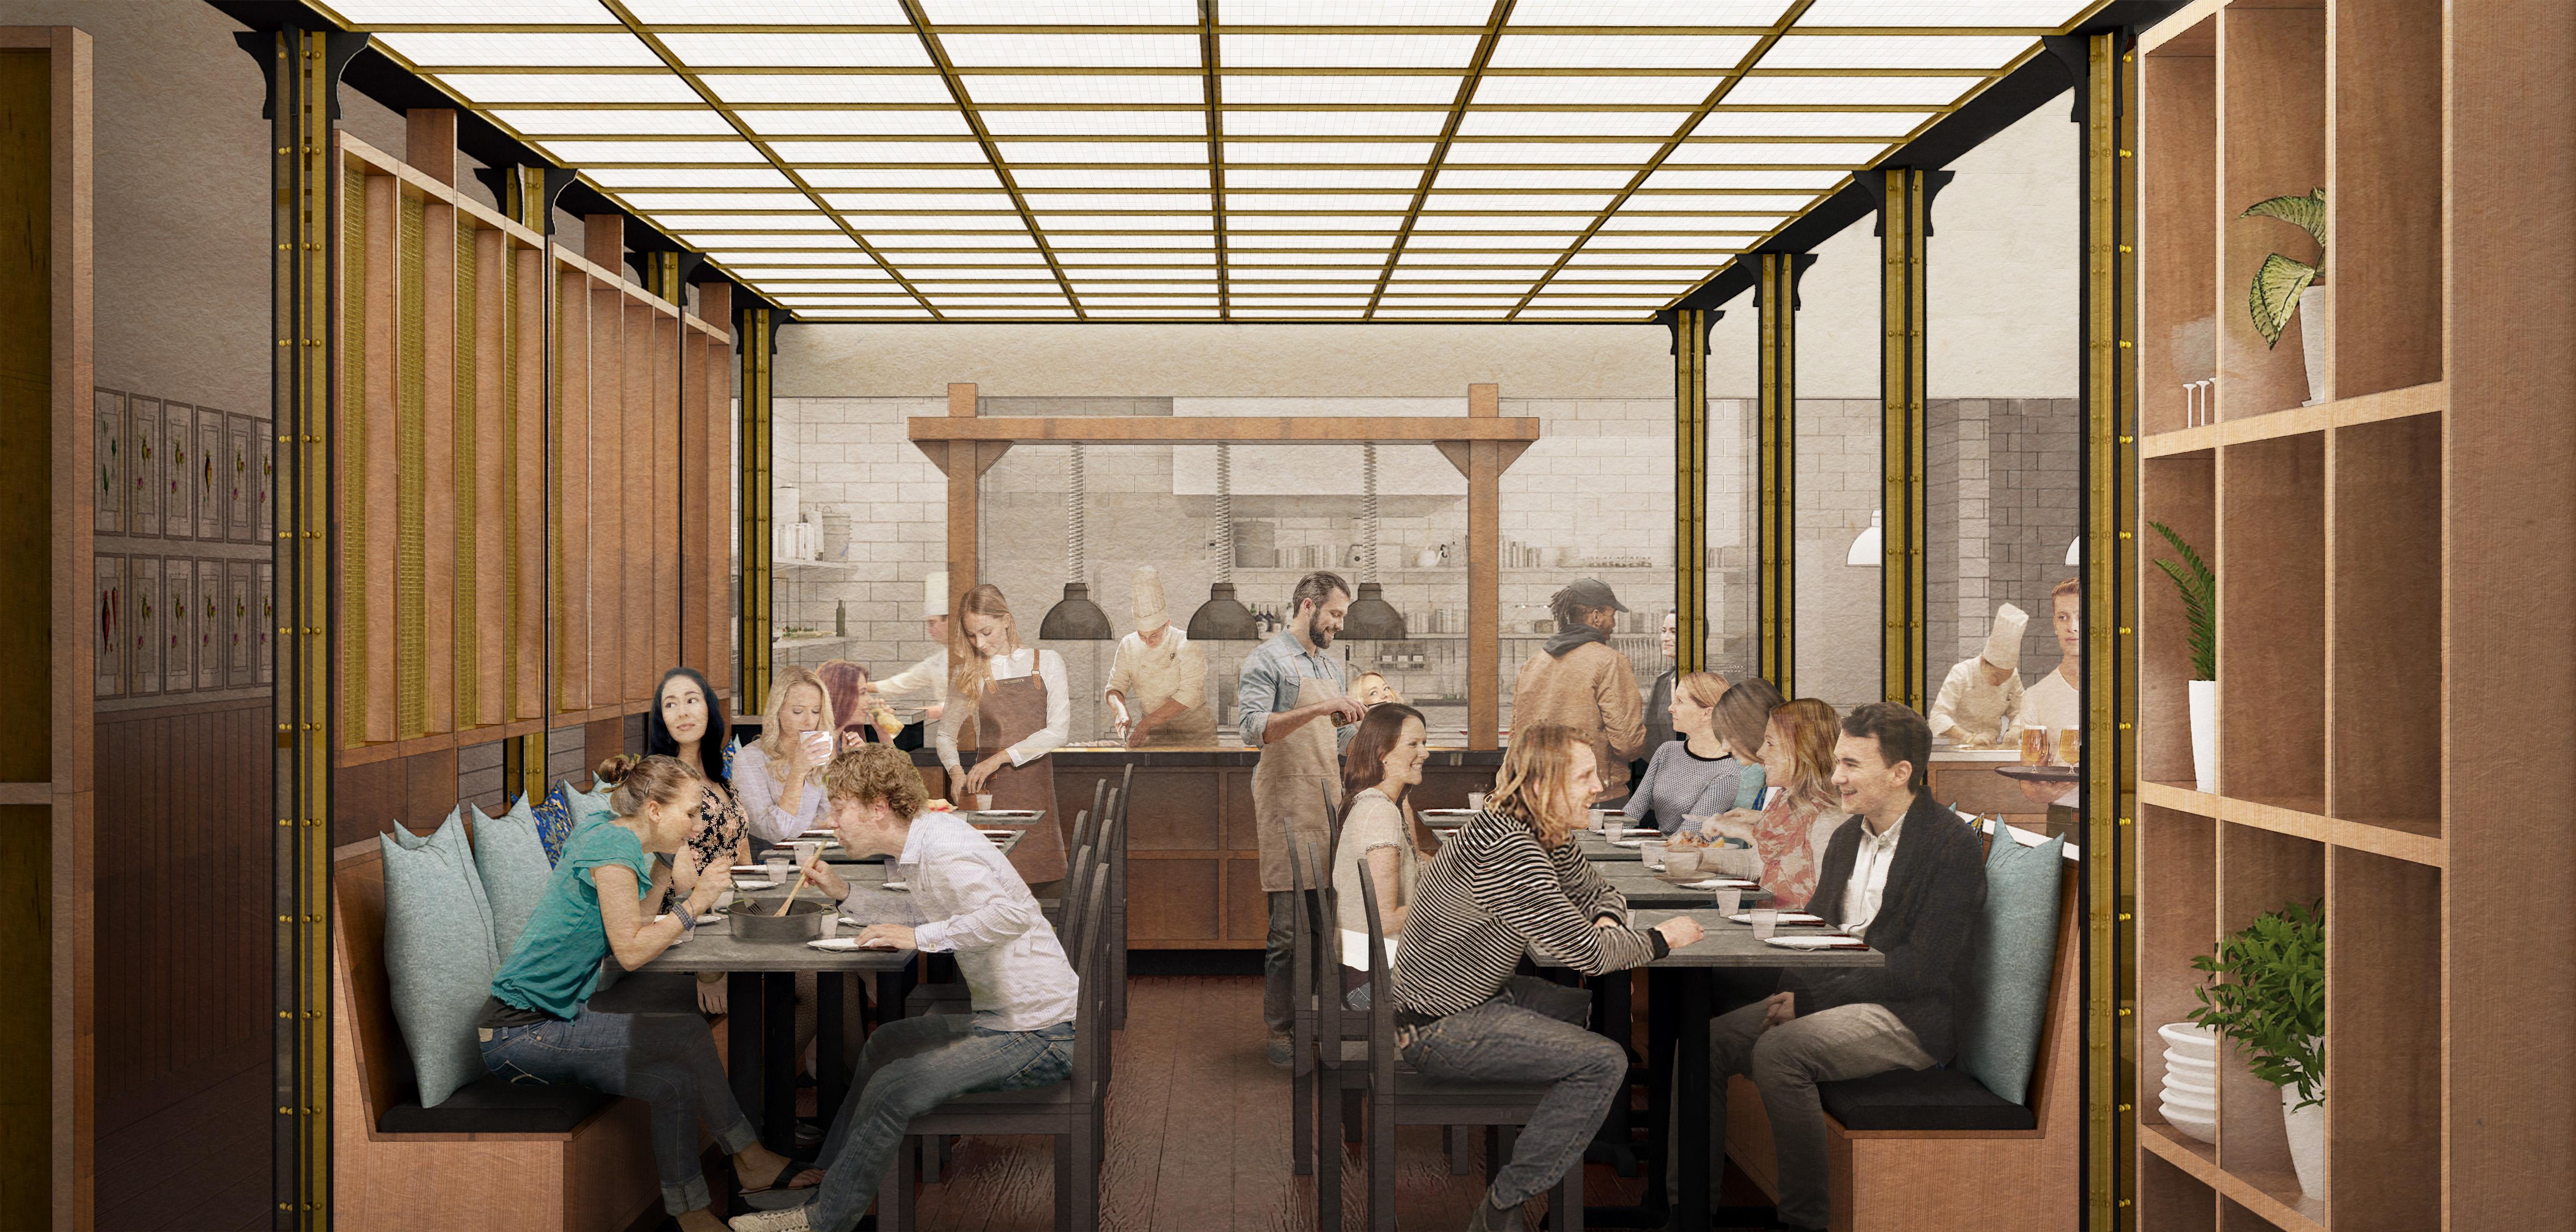 Culinary Institute Of America Opens New San Antonio Restaurant Savor